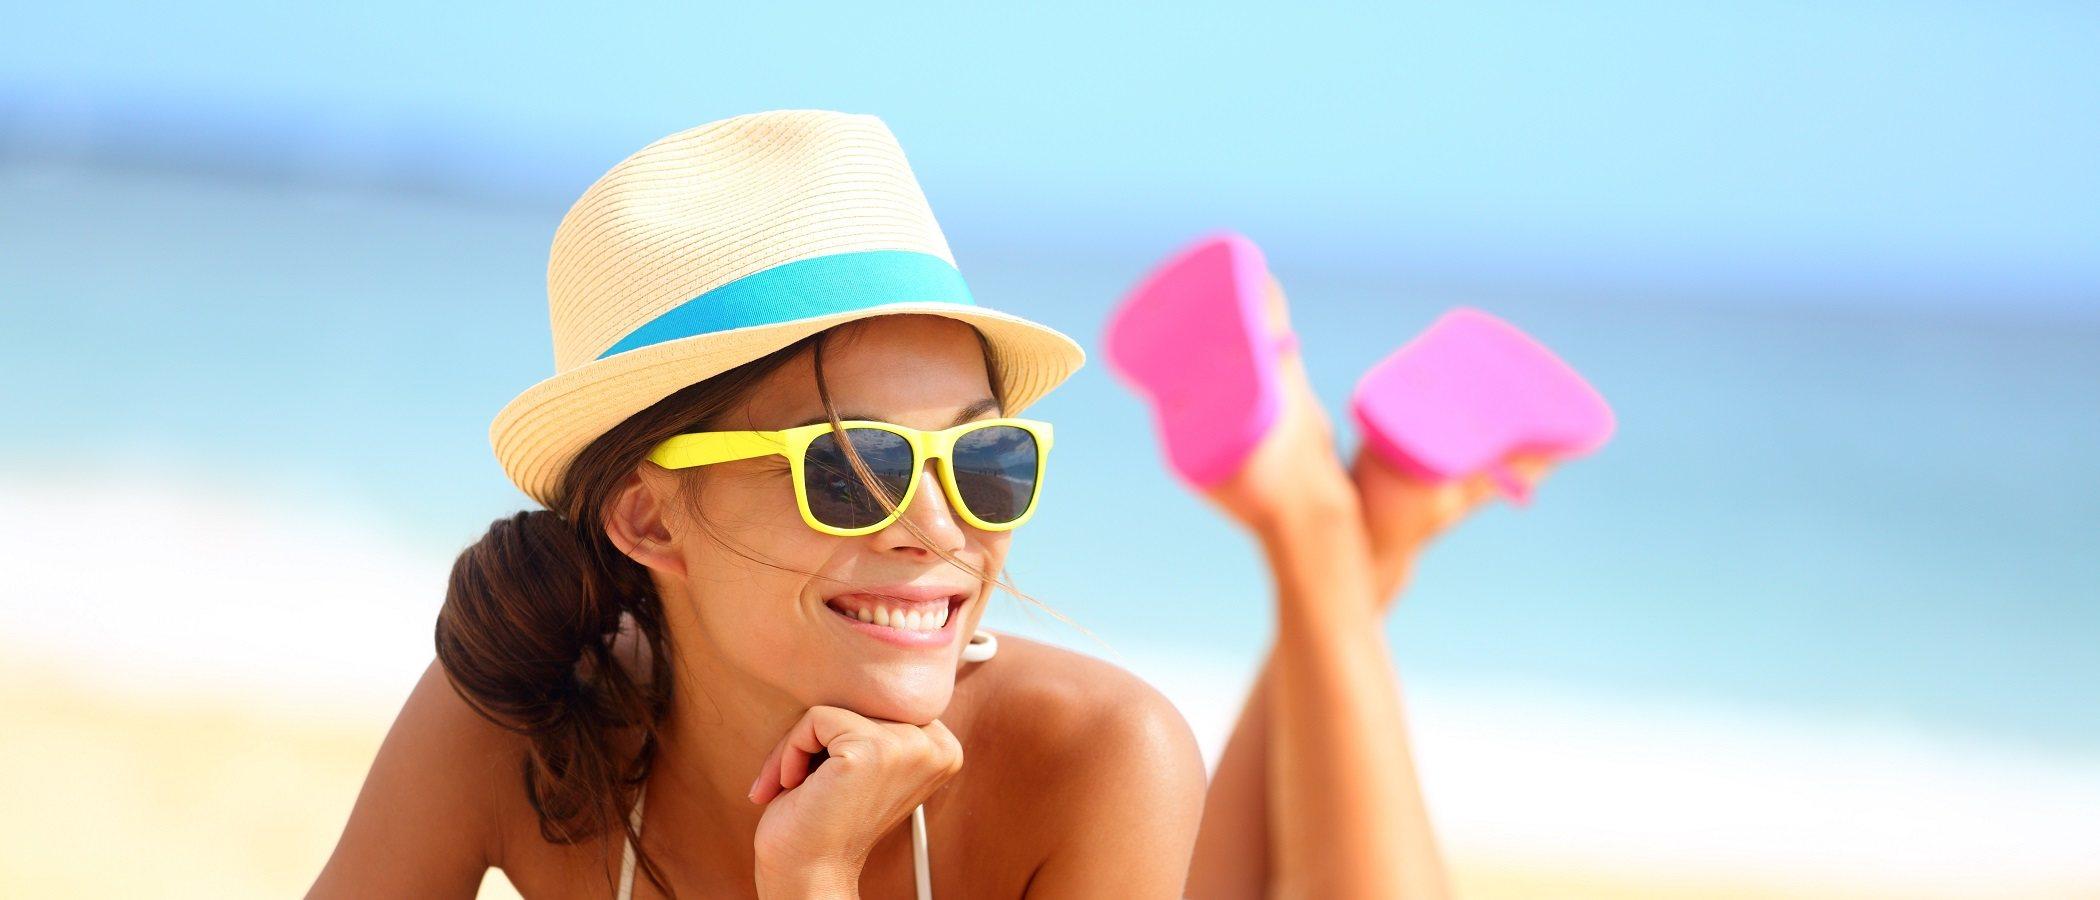 Evita endeudarte por las vacaciones de verano